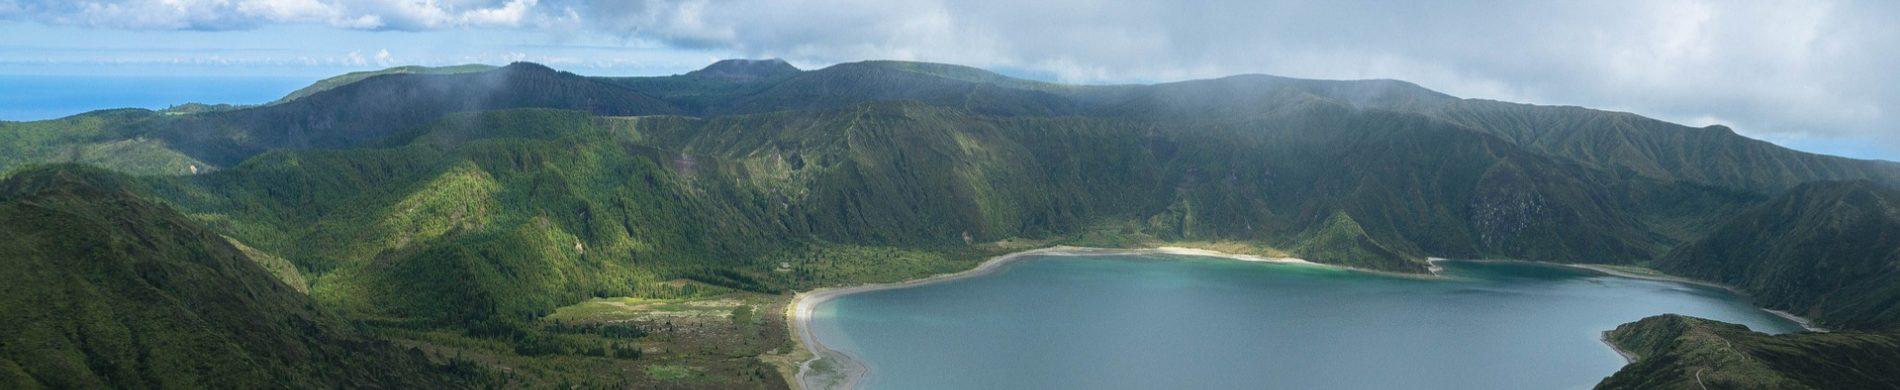 Açores - Trekking, visites, découverte, rencontres, mer et montagnes - Les matins du monde